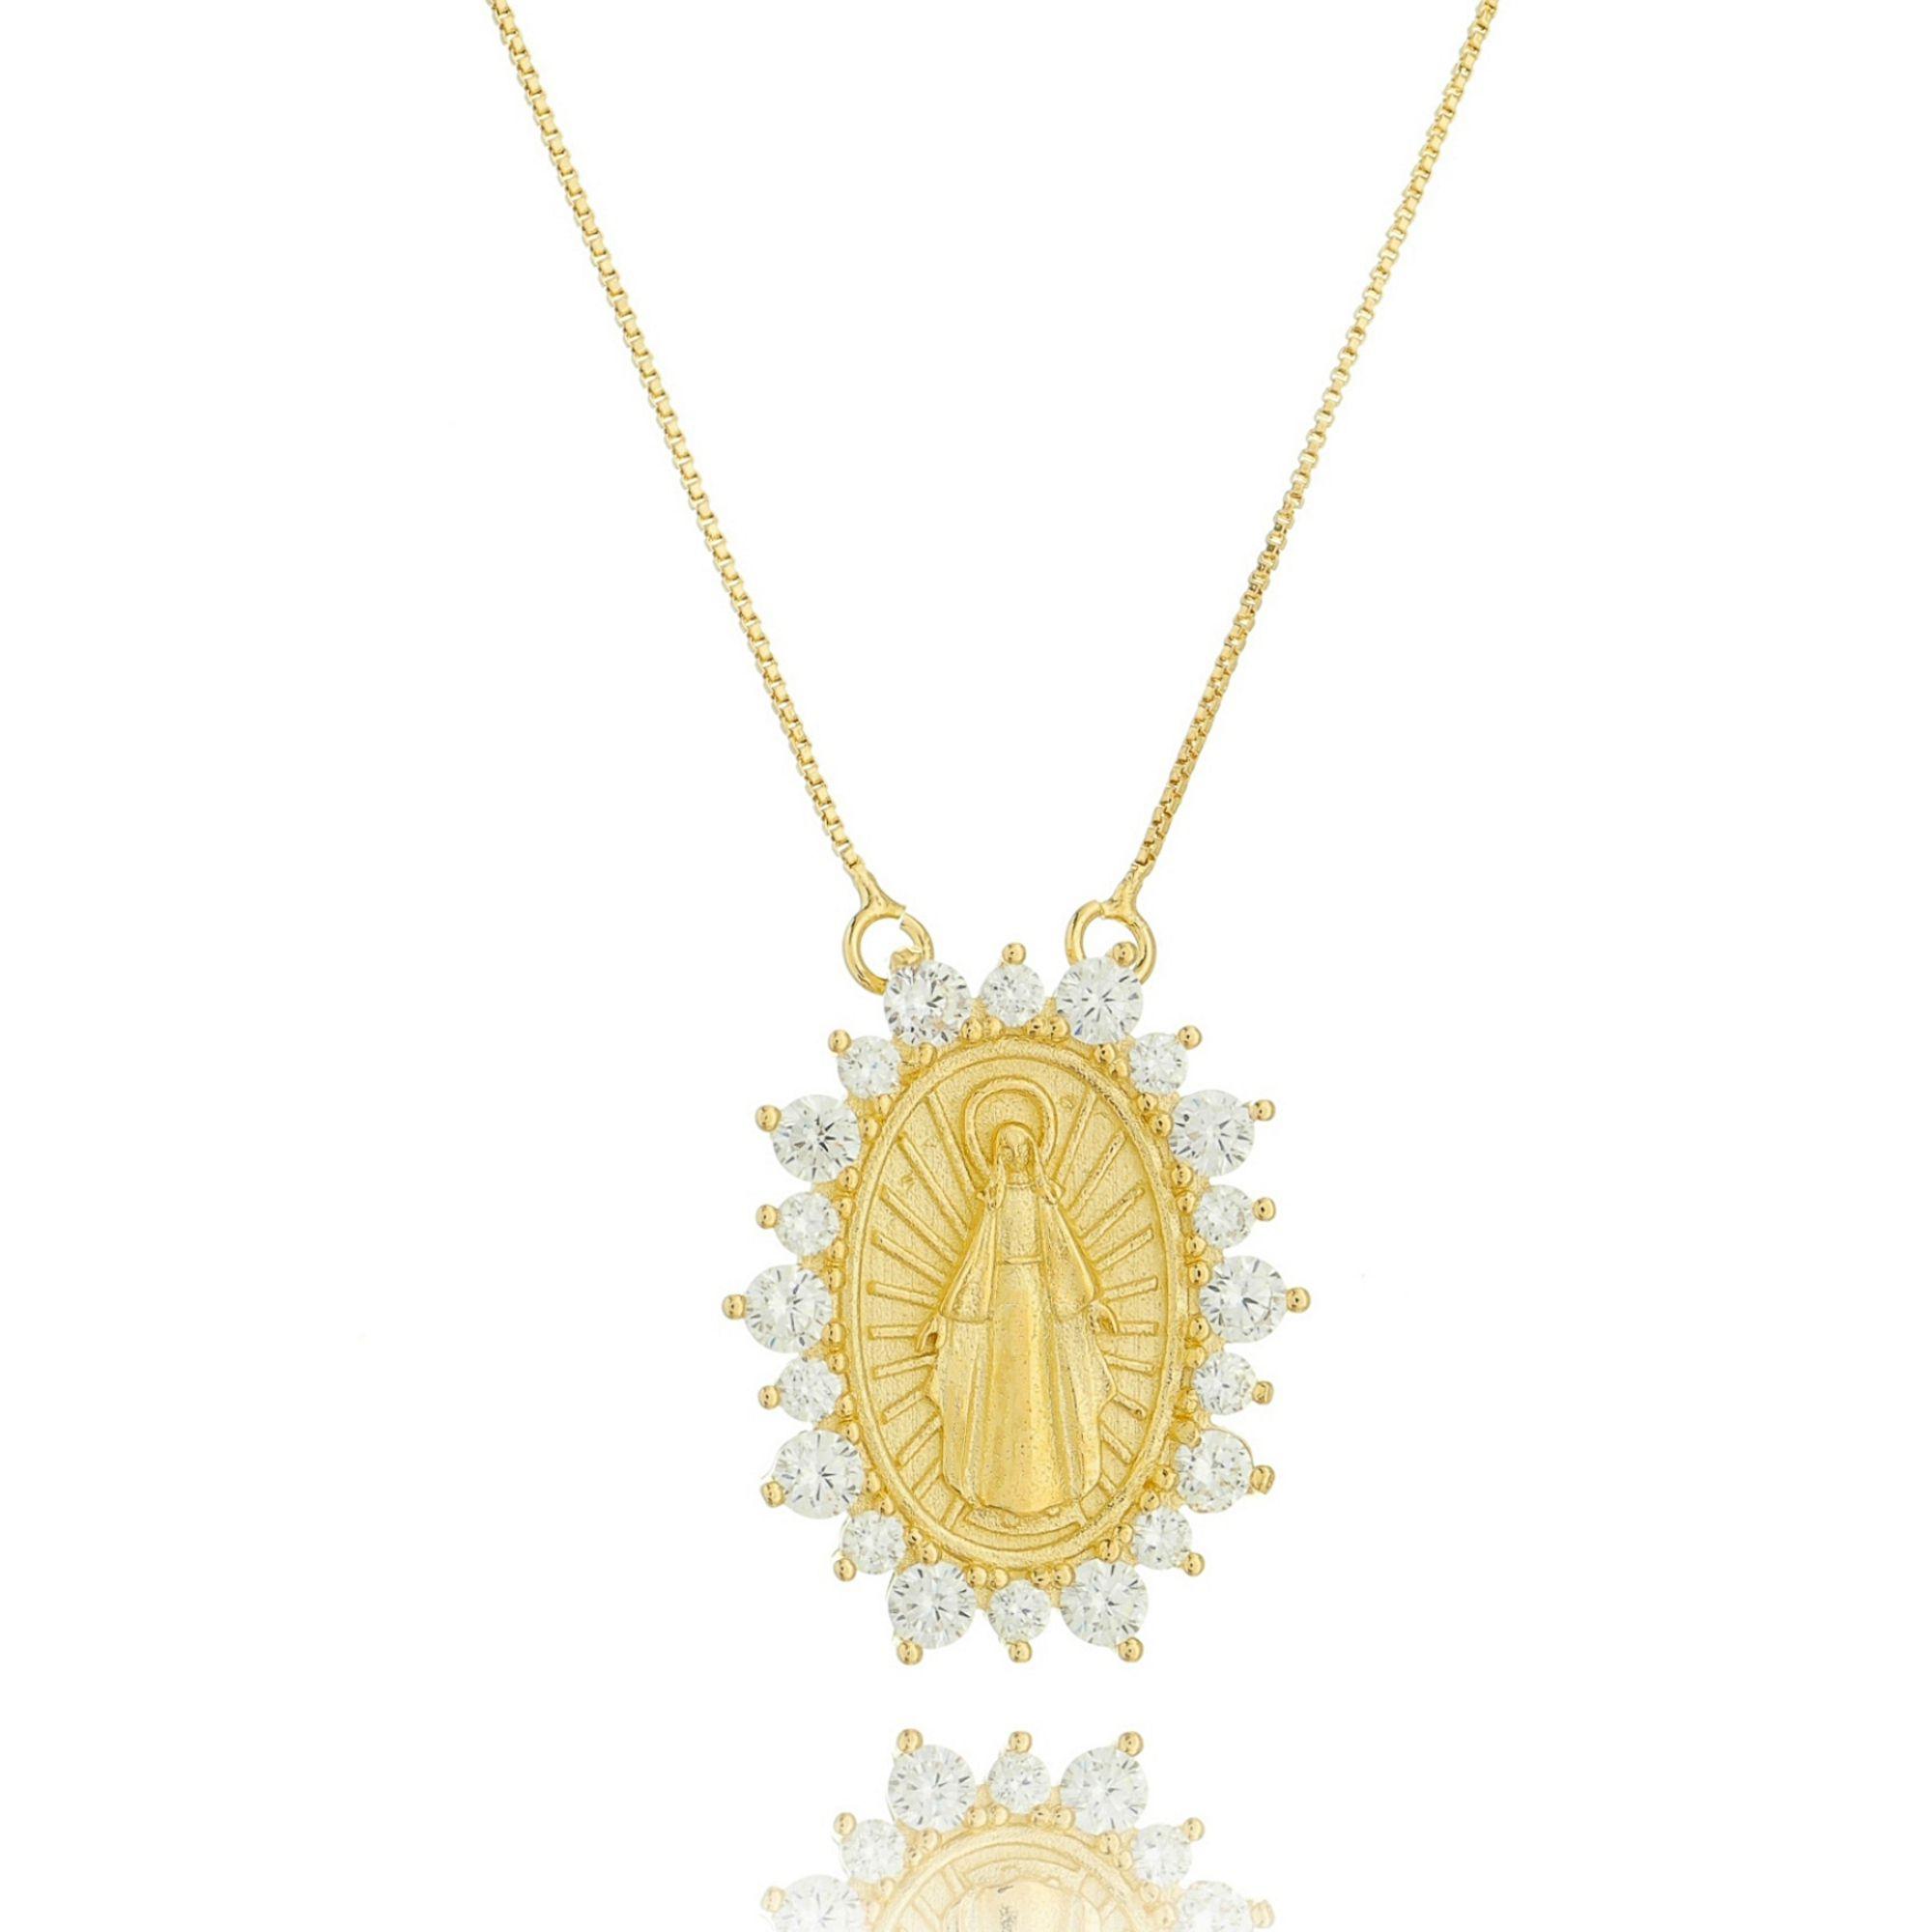 Colar com Medalhinha de Nossa Senhora das Graças Semijoia em Ouro 18K com Zircônia Branca  - Soloyou